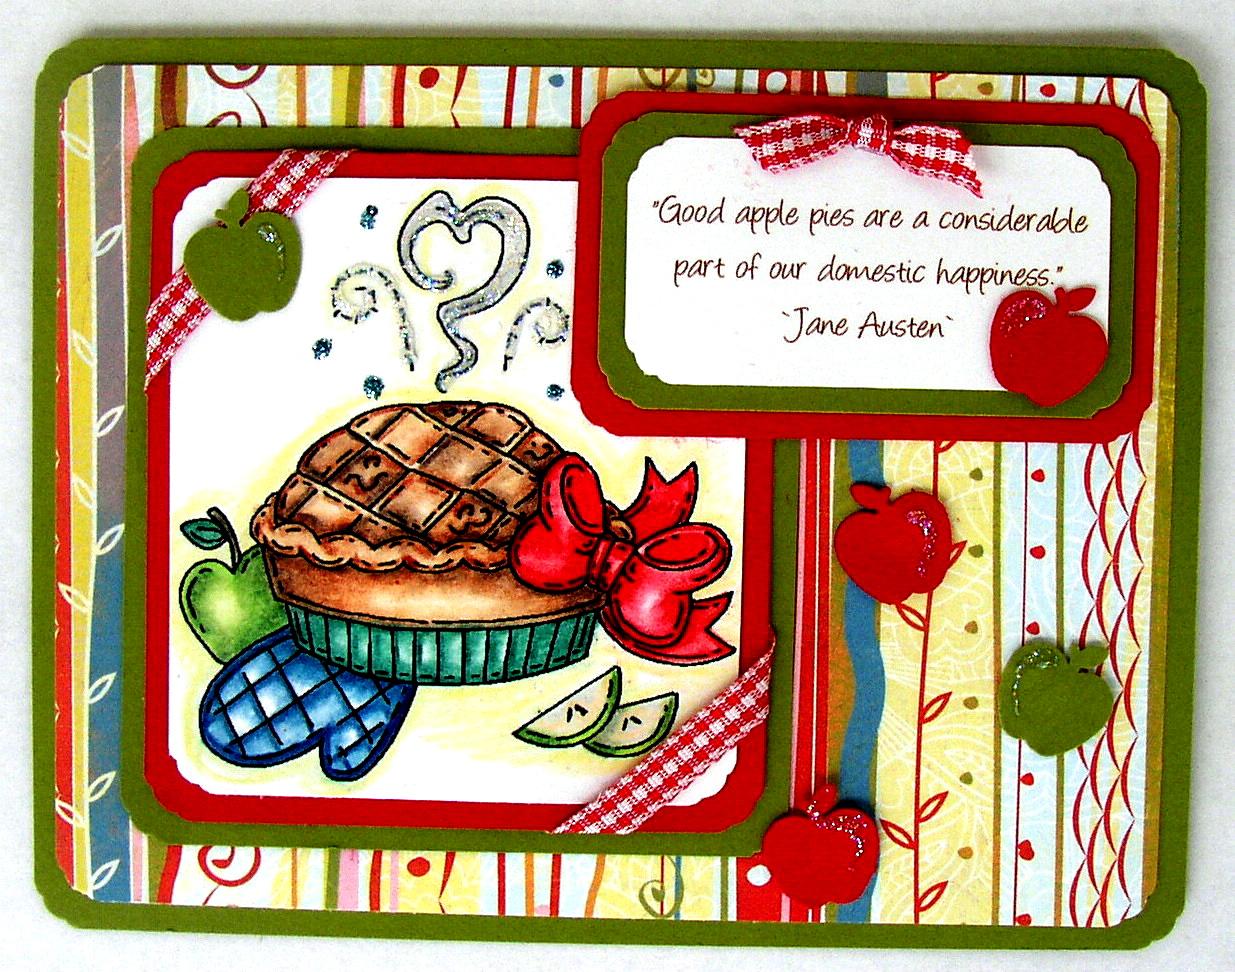 Steak Quotes Quotesgram: Quotes About Apple Pie. QuotesGram